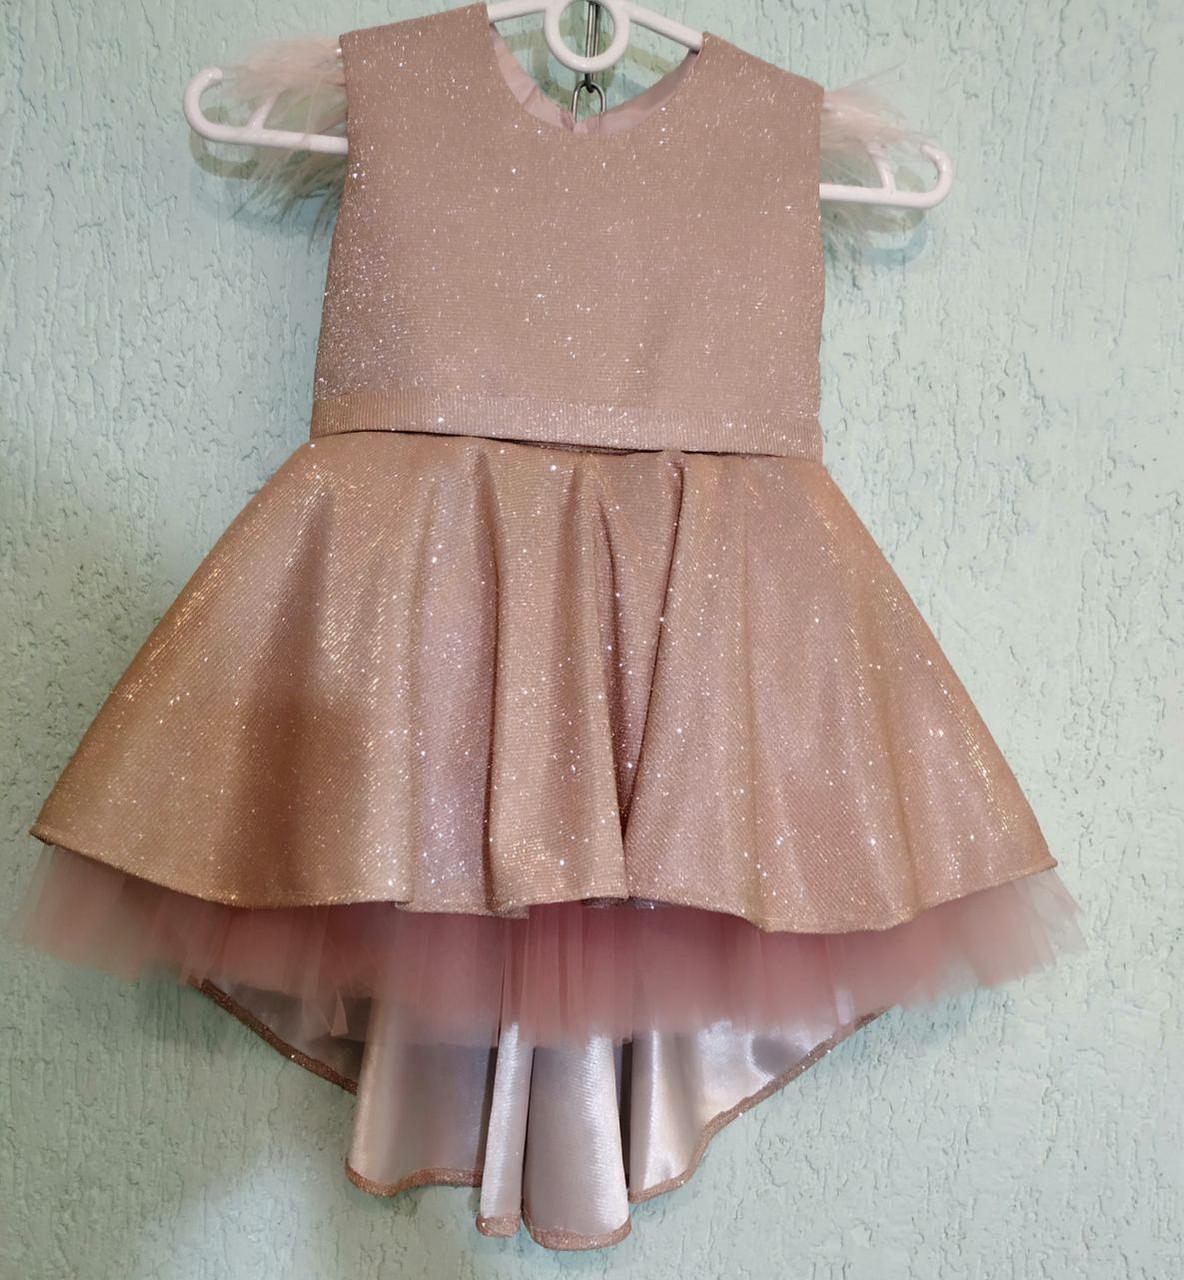 Пышное блестящее нарядное платье Шльеф на девочку 2-2,5 года пудрового цвета